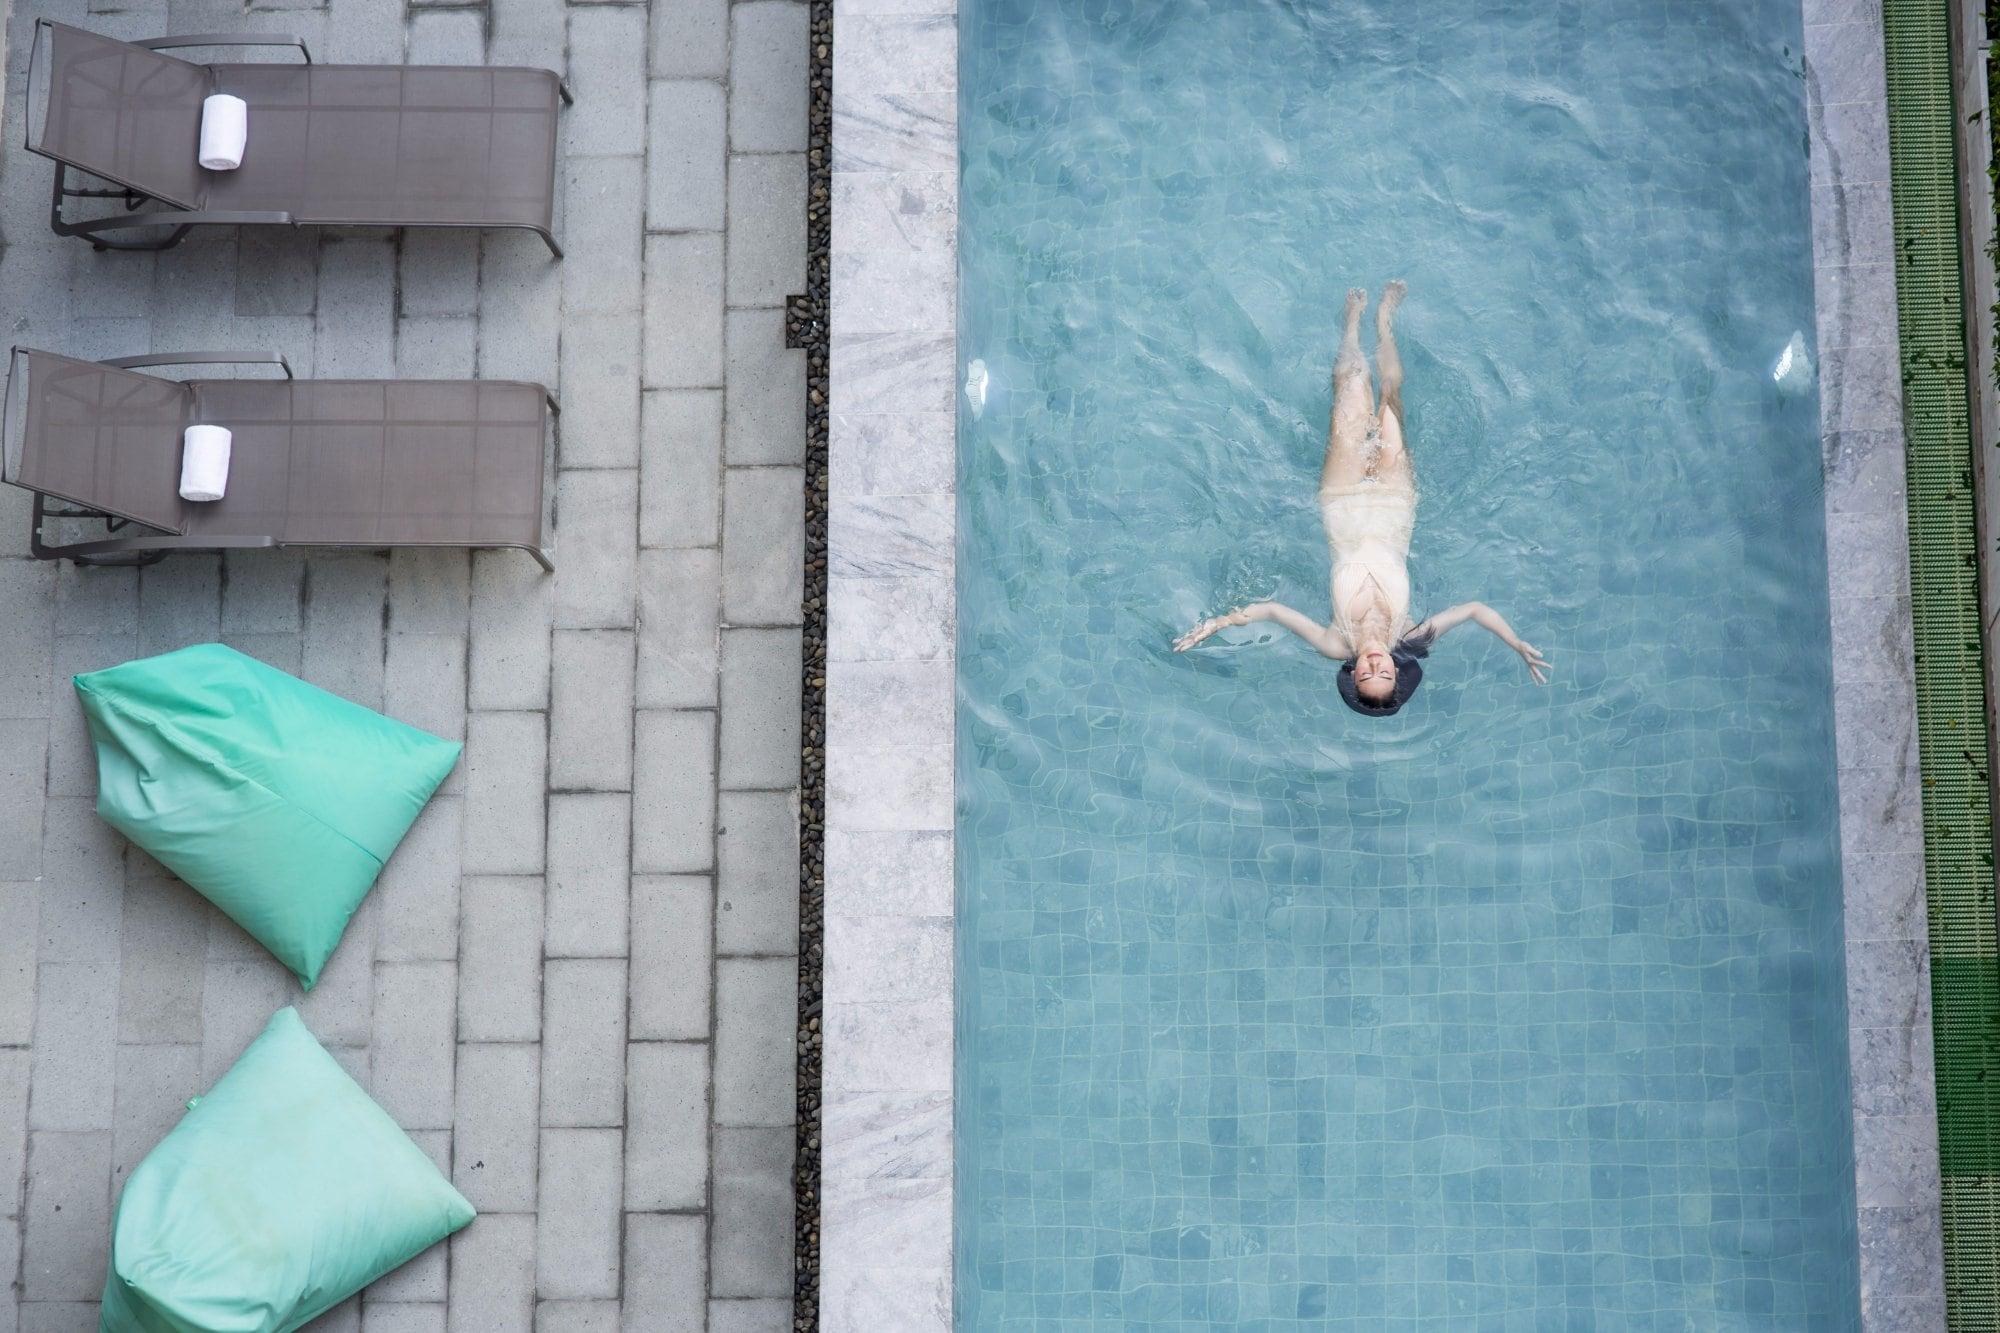 sea-salt-pool